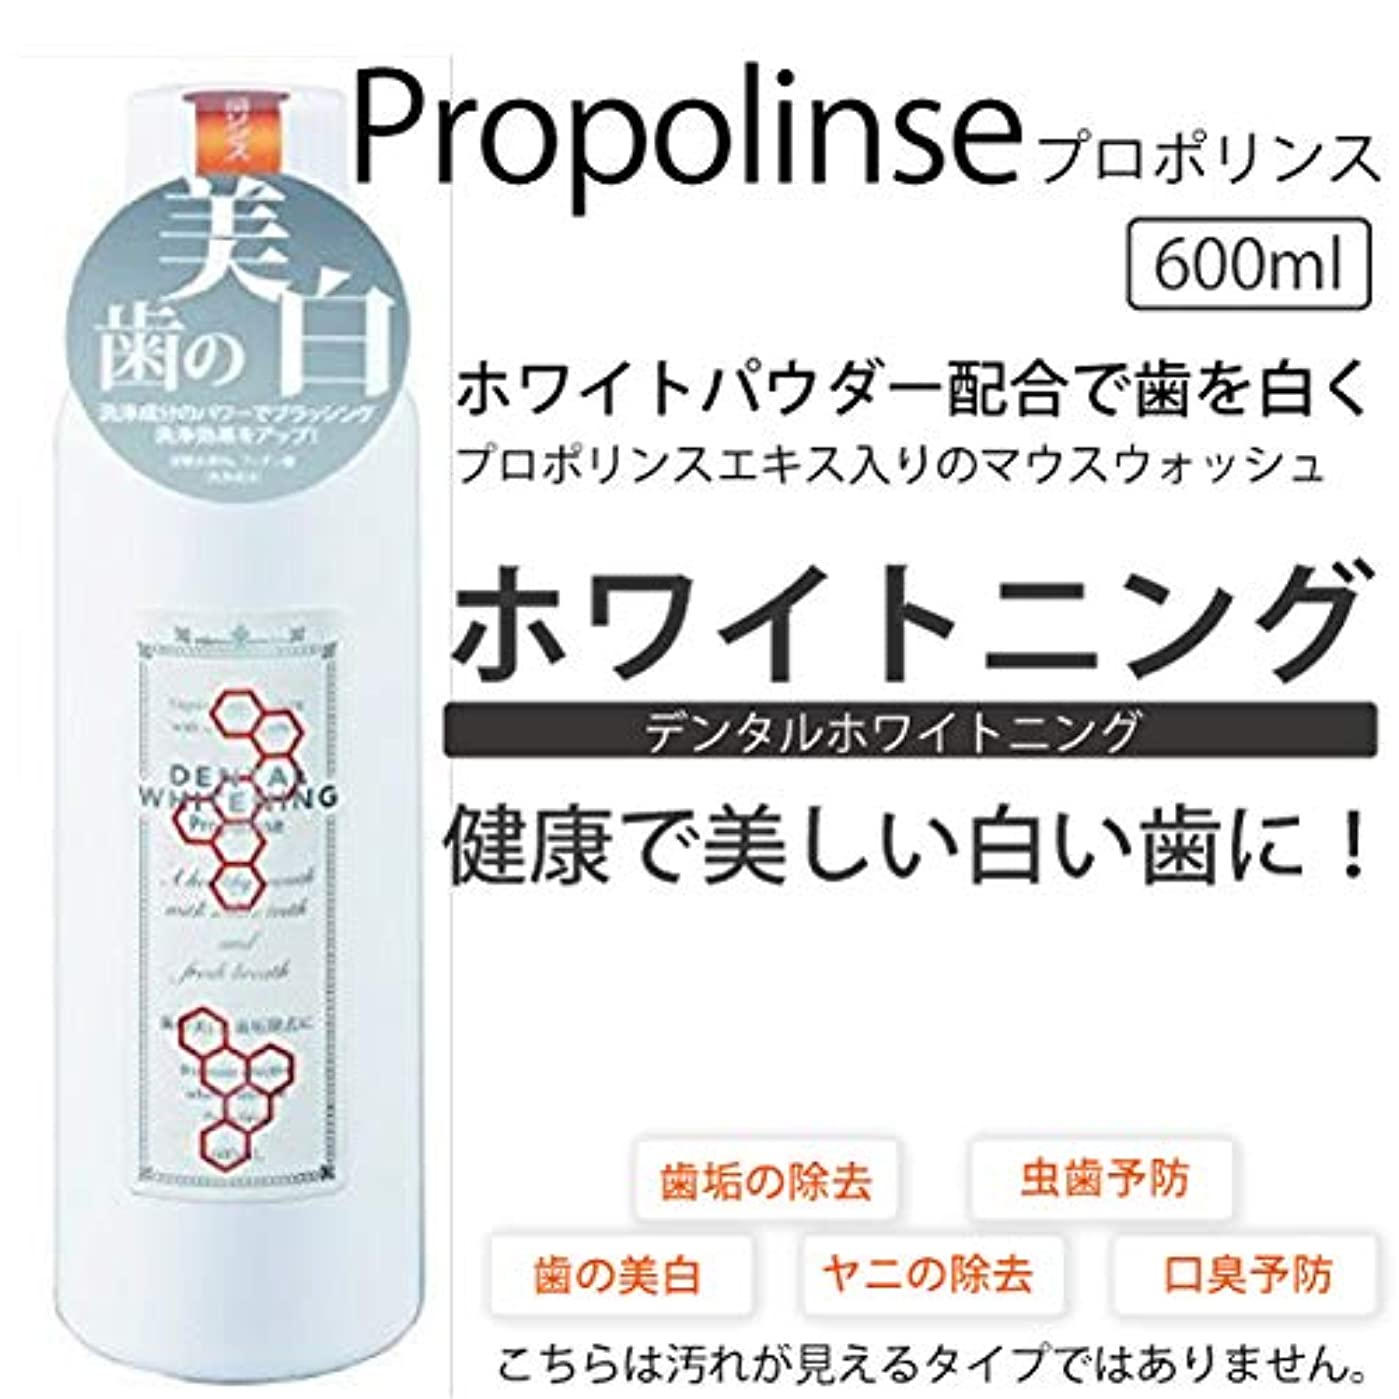 シールド曇った換気プロポリンス マウスウォッシュ デンタルホワイトニング (ホワイトパウダー配合で歯を白く) 600ml [30本セット] 口臭対策